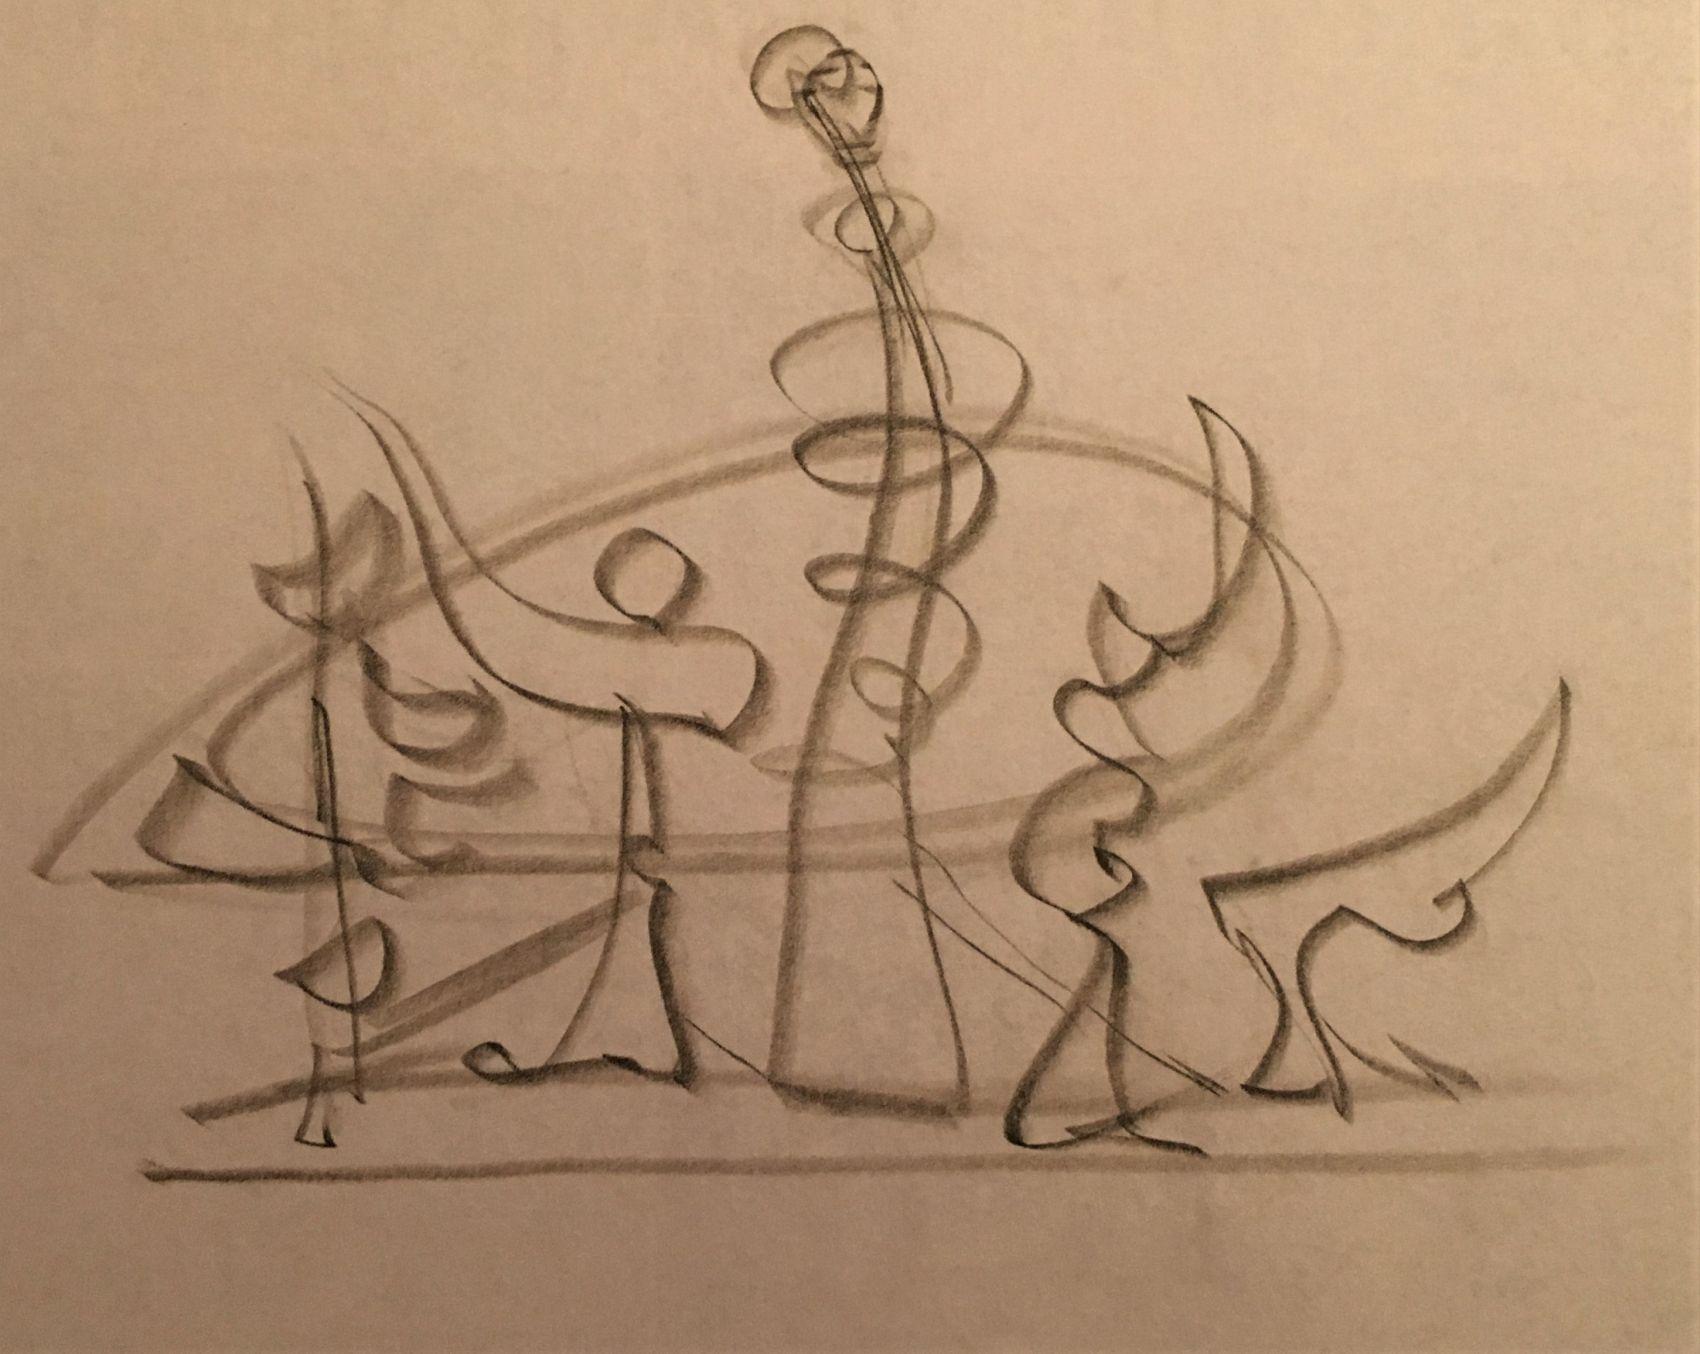 rysunekwiezy1.jpg